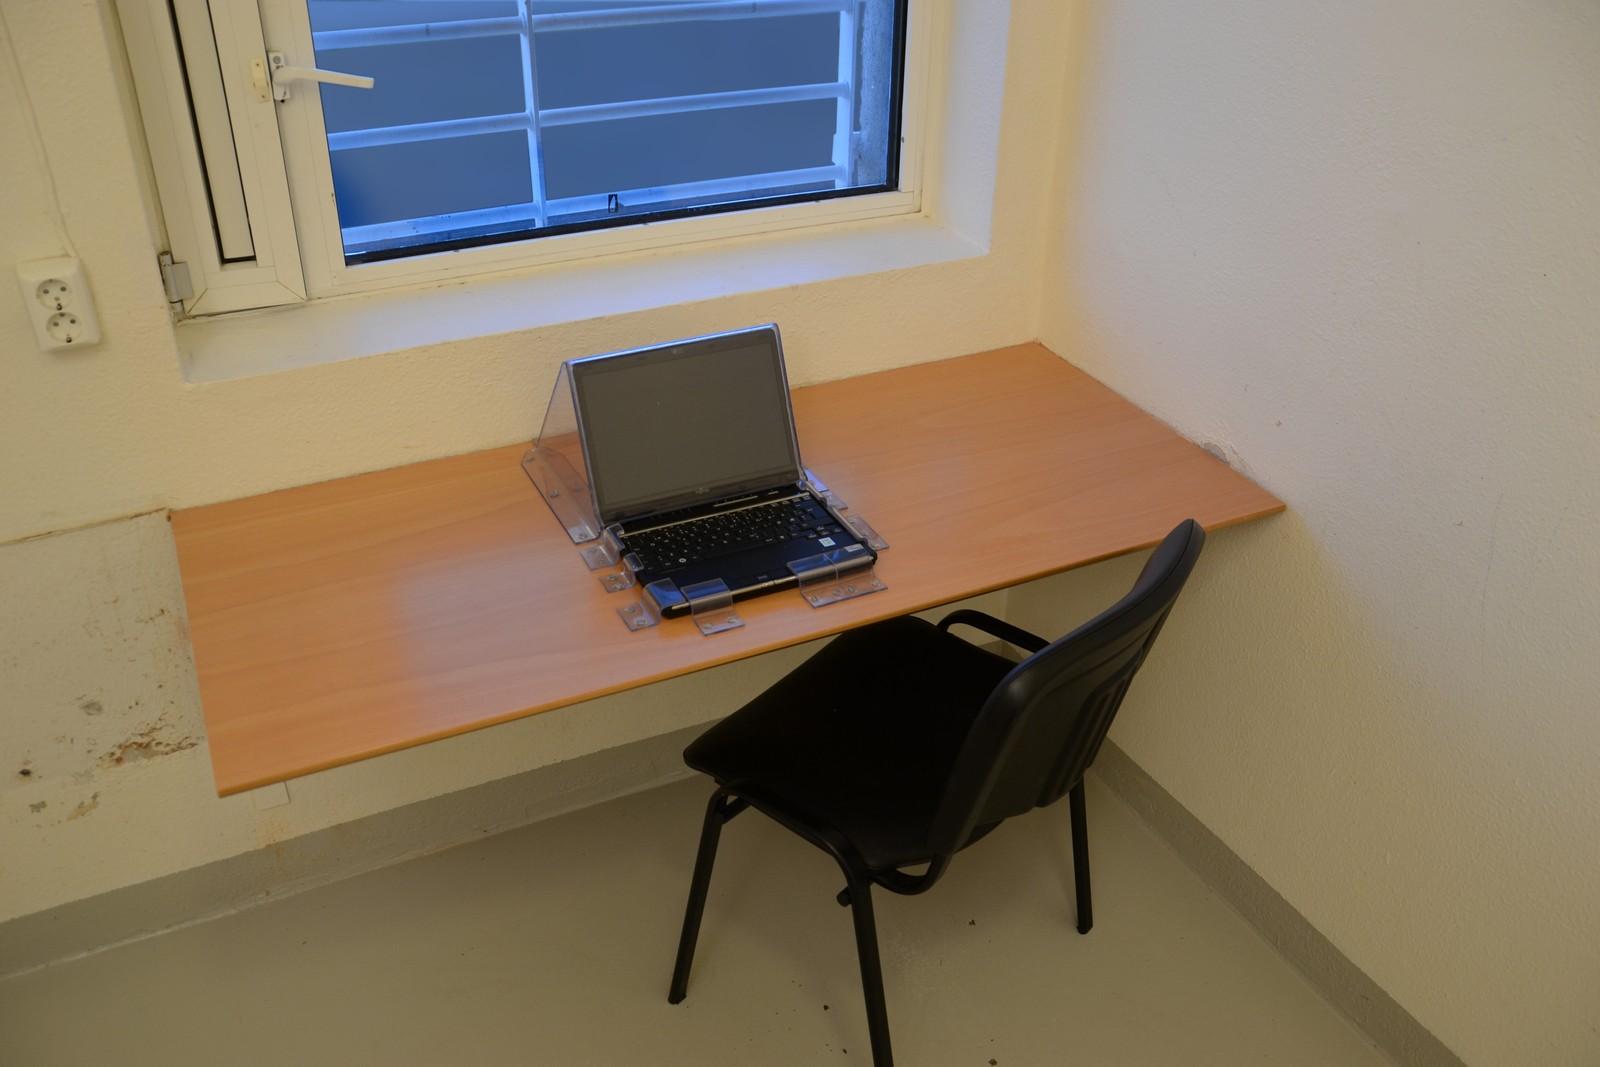 Ved denne cella i Ila fengsel skrev Anders Behring Breivik brev til sine meningsfeller. Store deler av områdene Breivik oppholdt seg på i Ila fengsel har blitt satt tilbake til sin originale stand før befaringene.